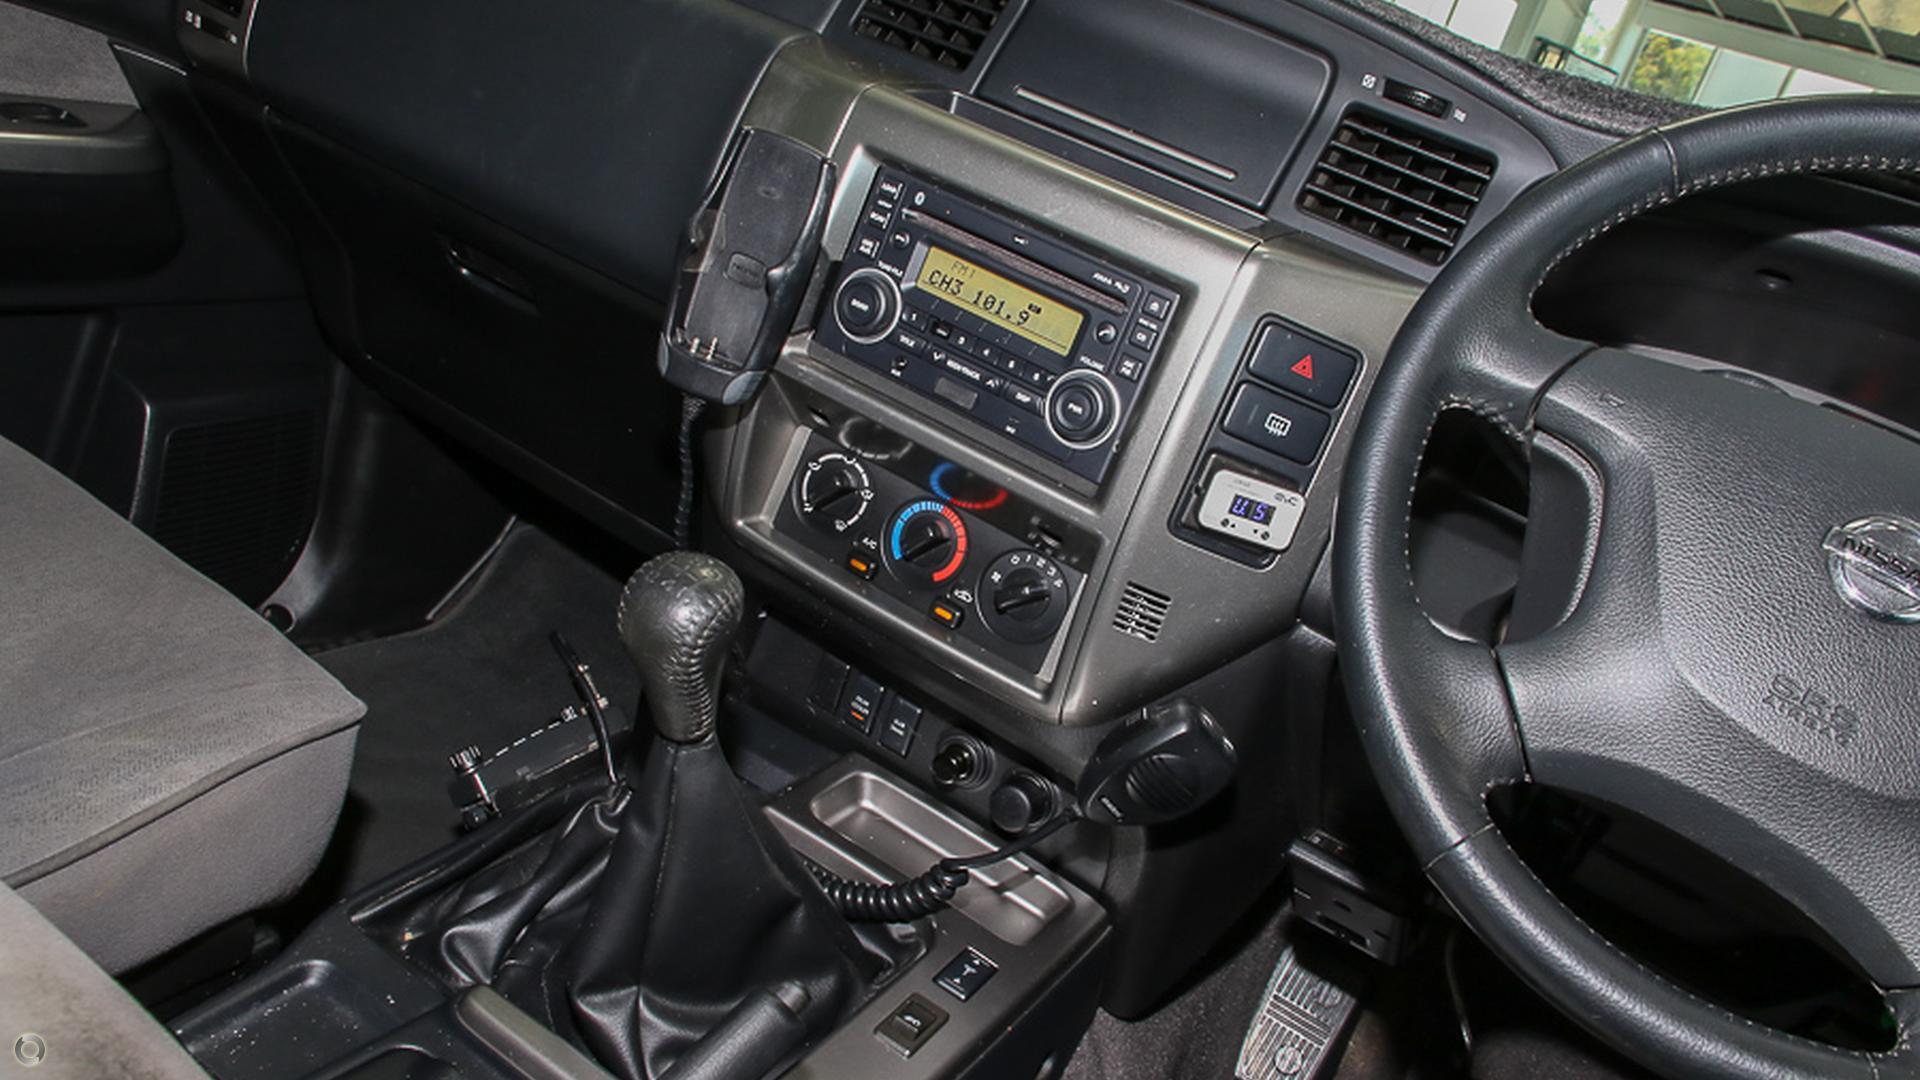 2011 Nissan Patrol ST GU 7